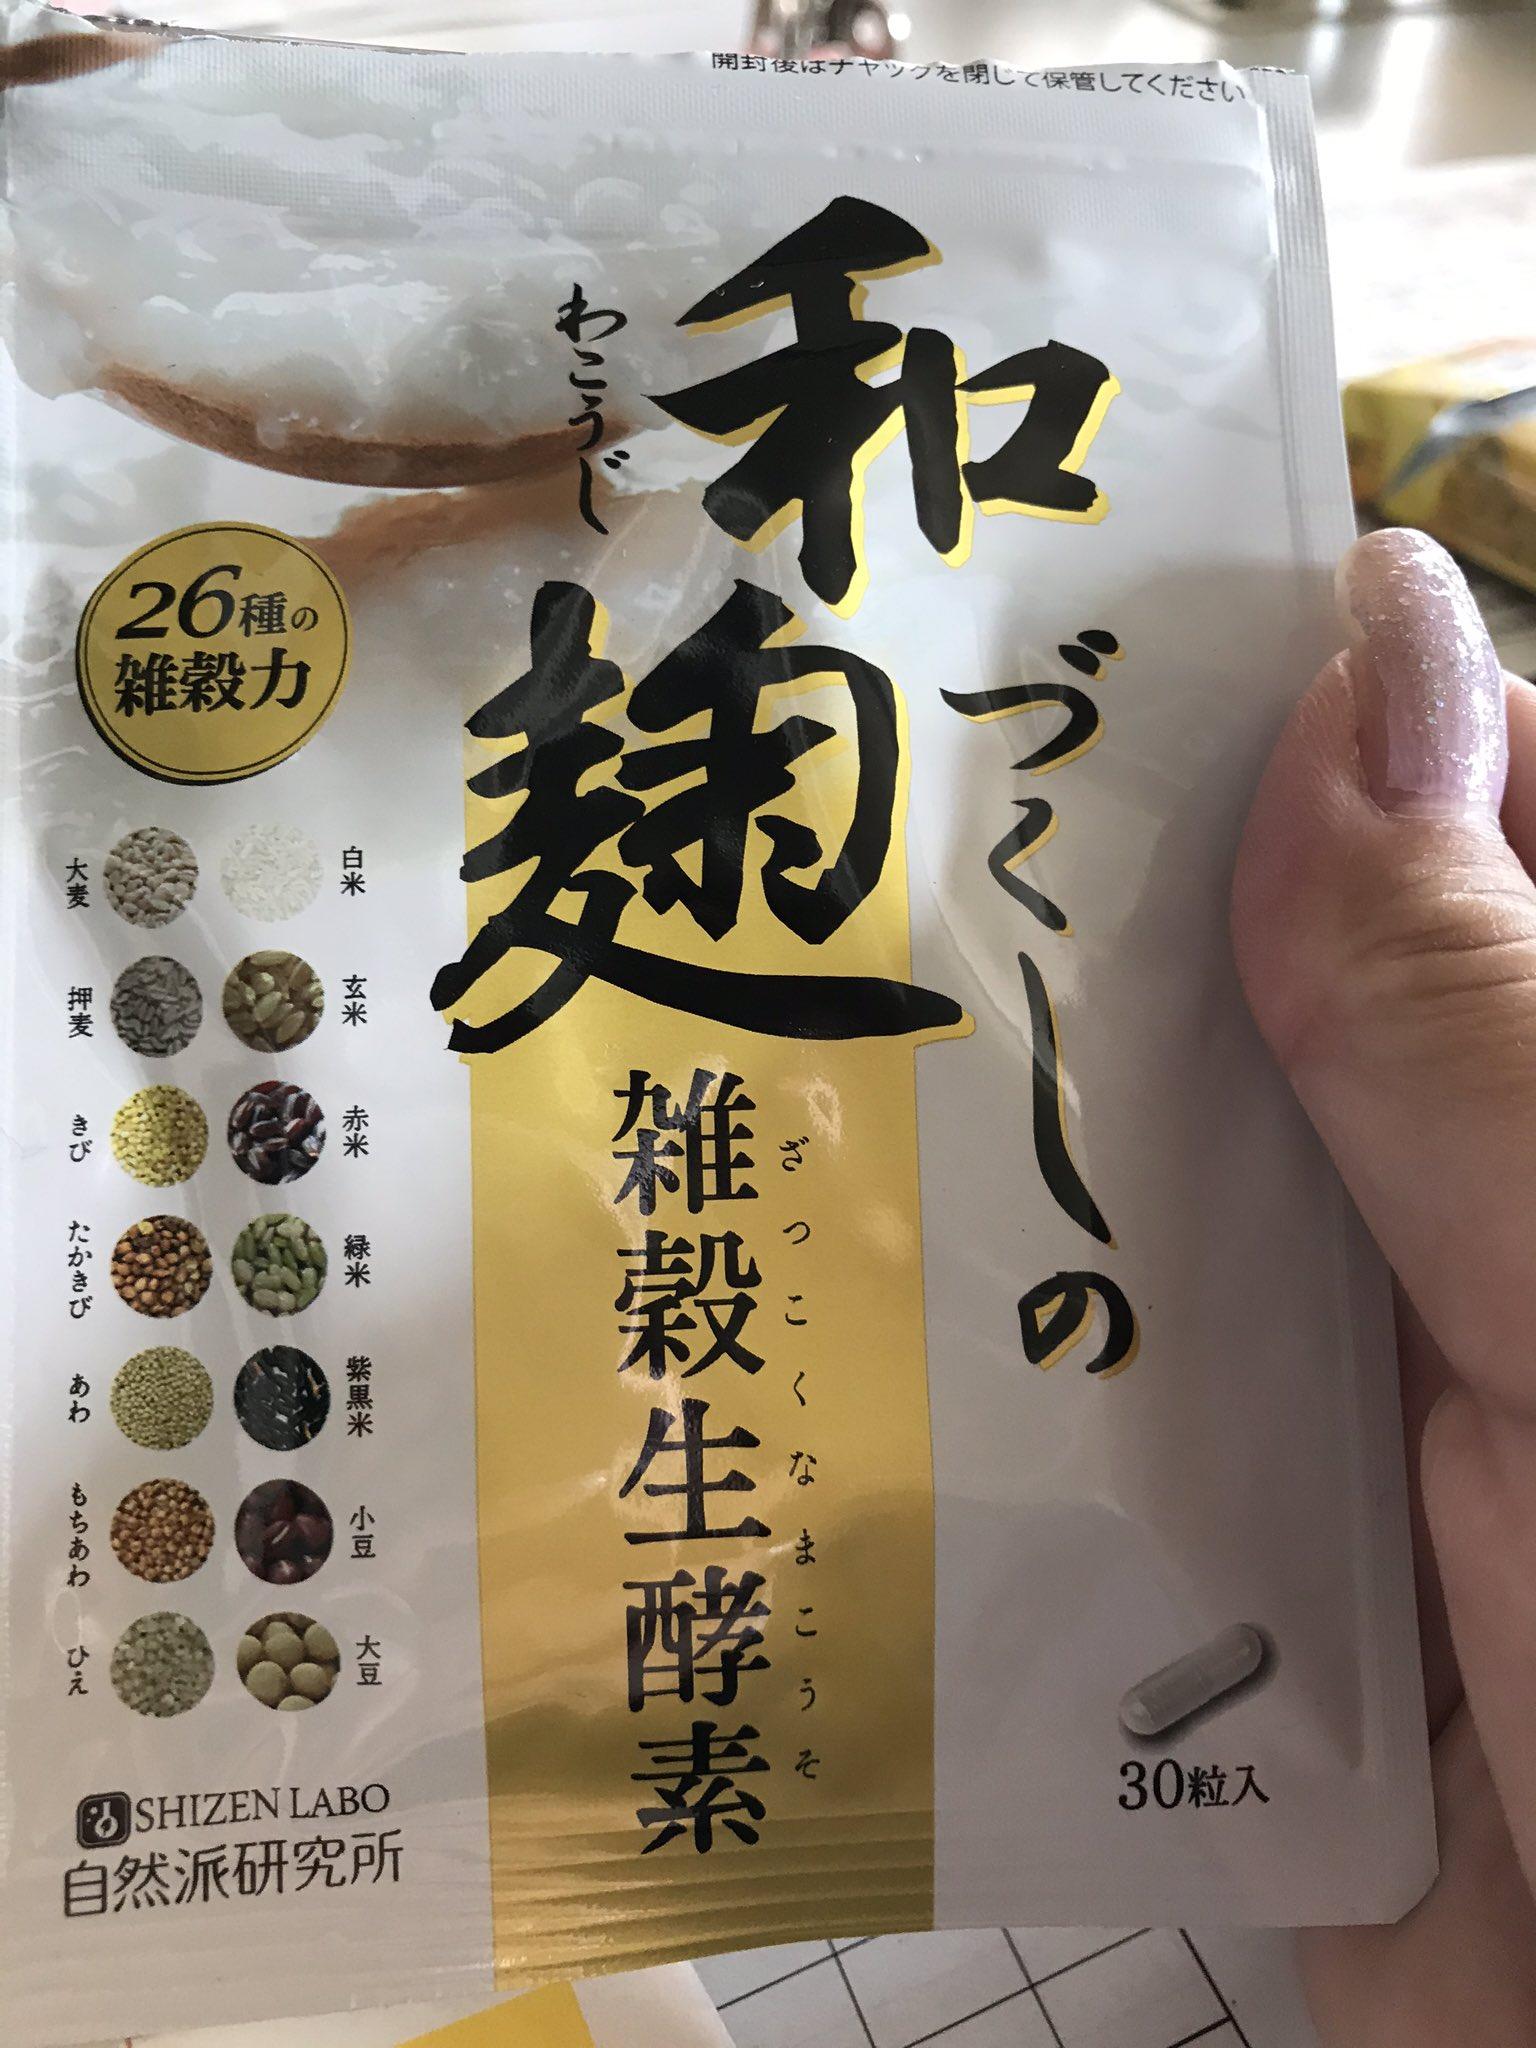 インスタ 和麹づくしの雑穀生酵素 和麹づくしの雑穀生酵素